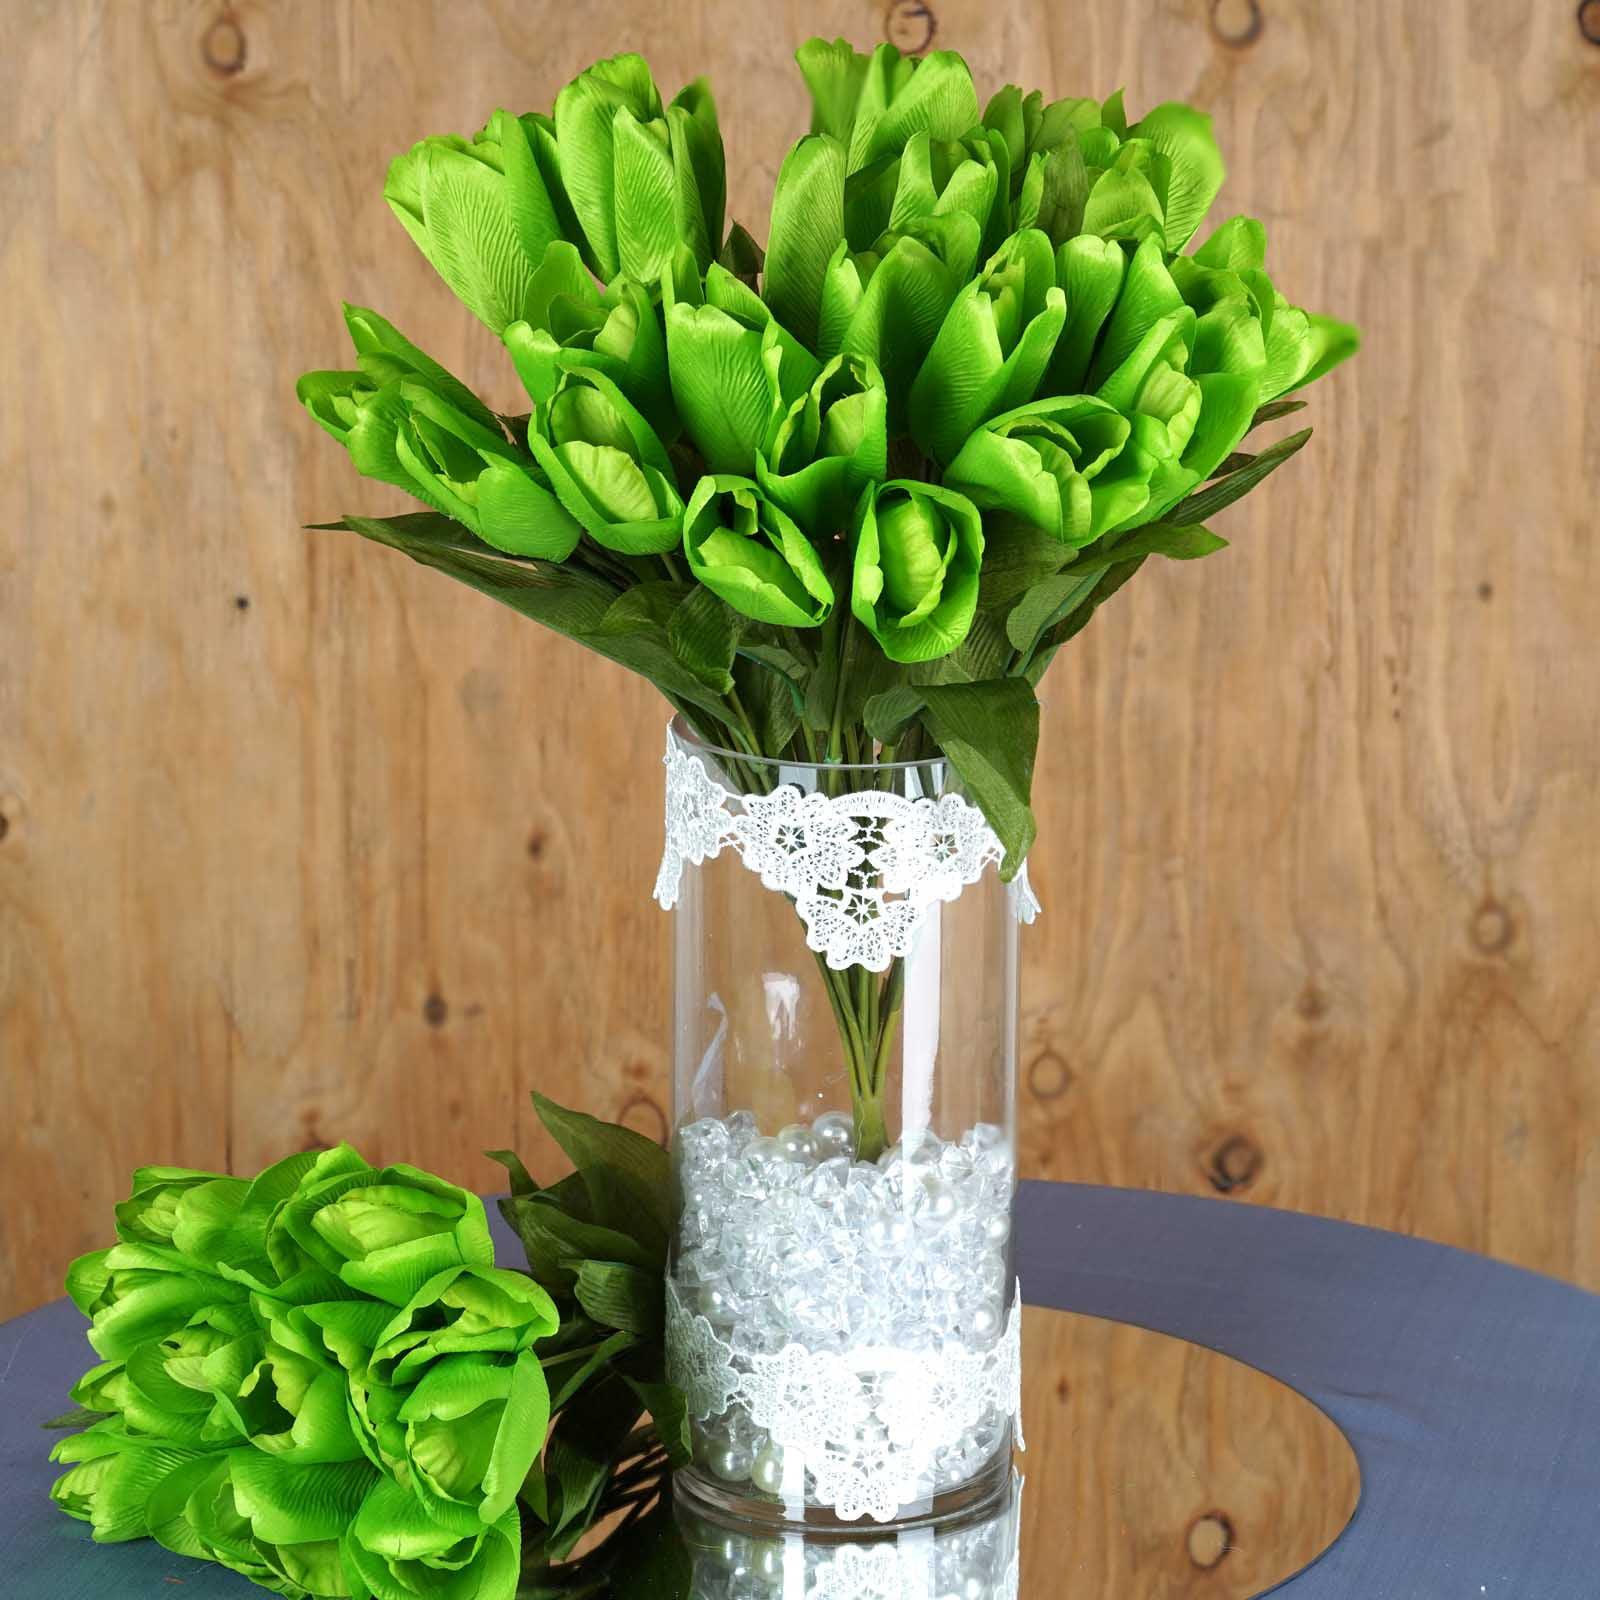 BalsaCircle 56 Silk Tulips Flowers - 4 bushes - DIY Home Wedding Party Artificial Bouquets Arrangements Centerpieces